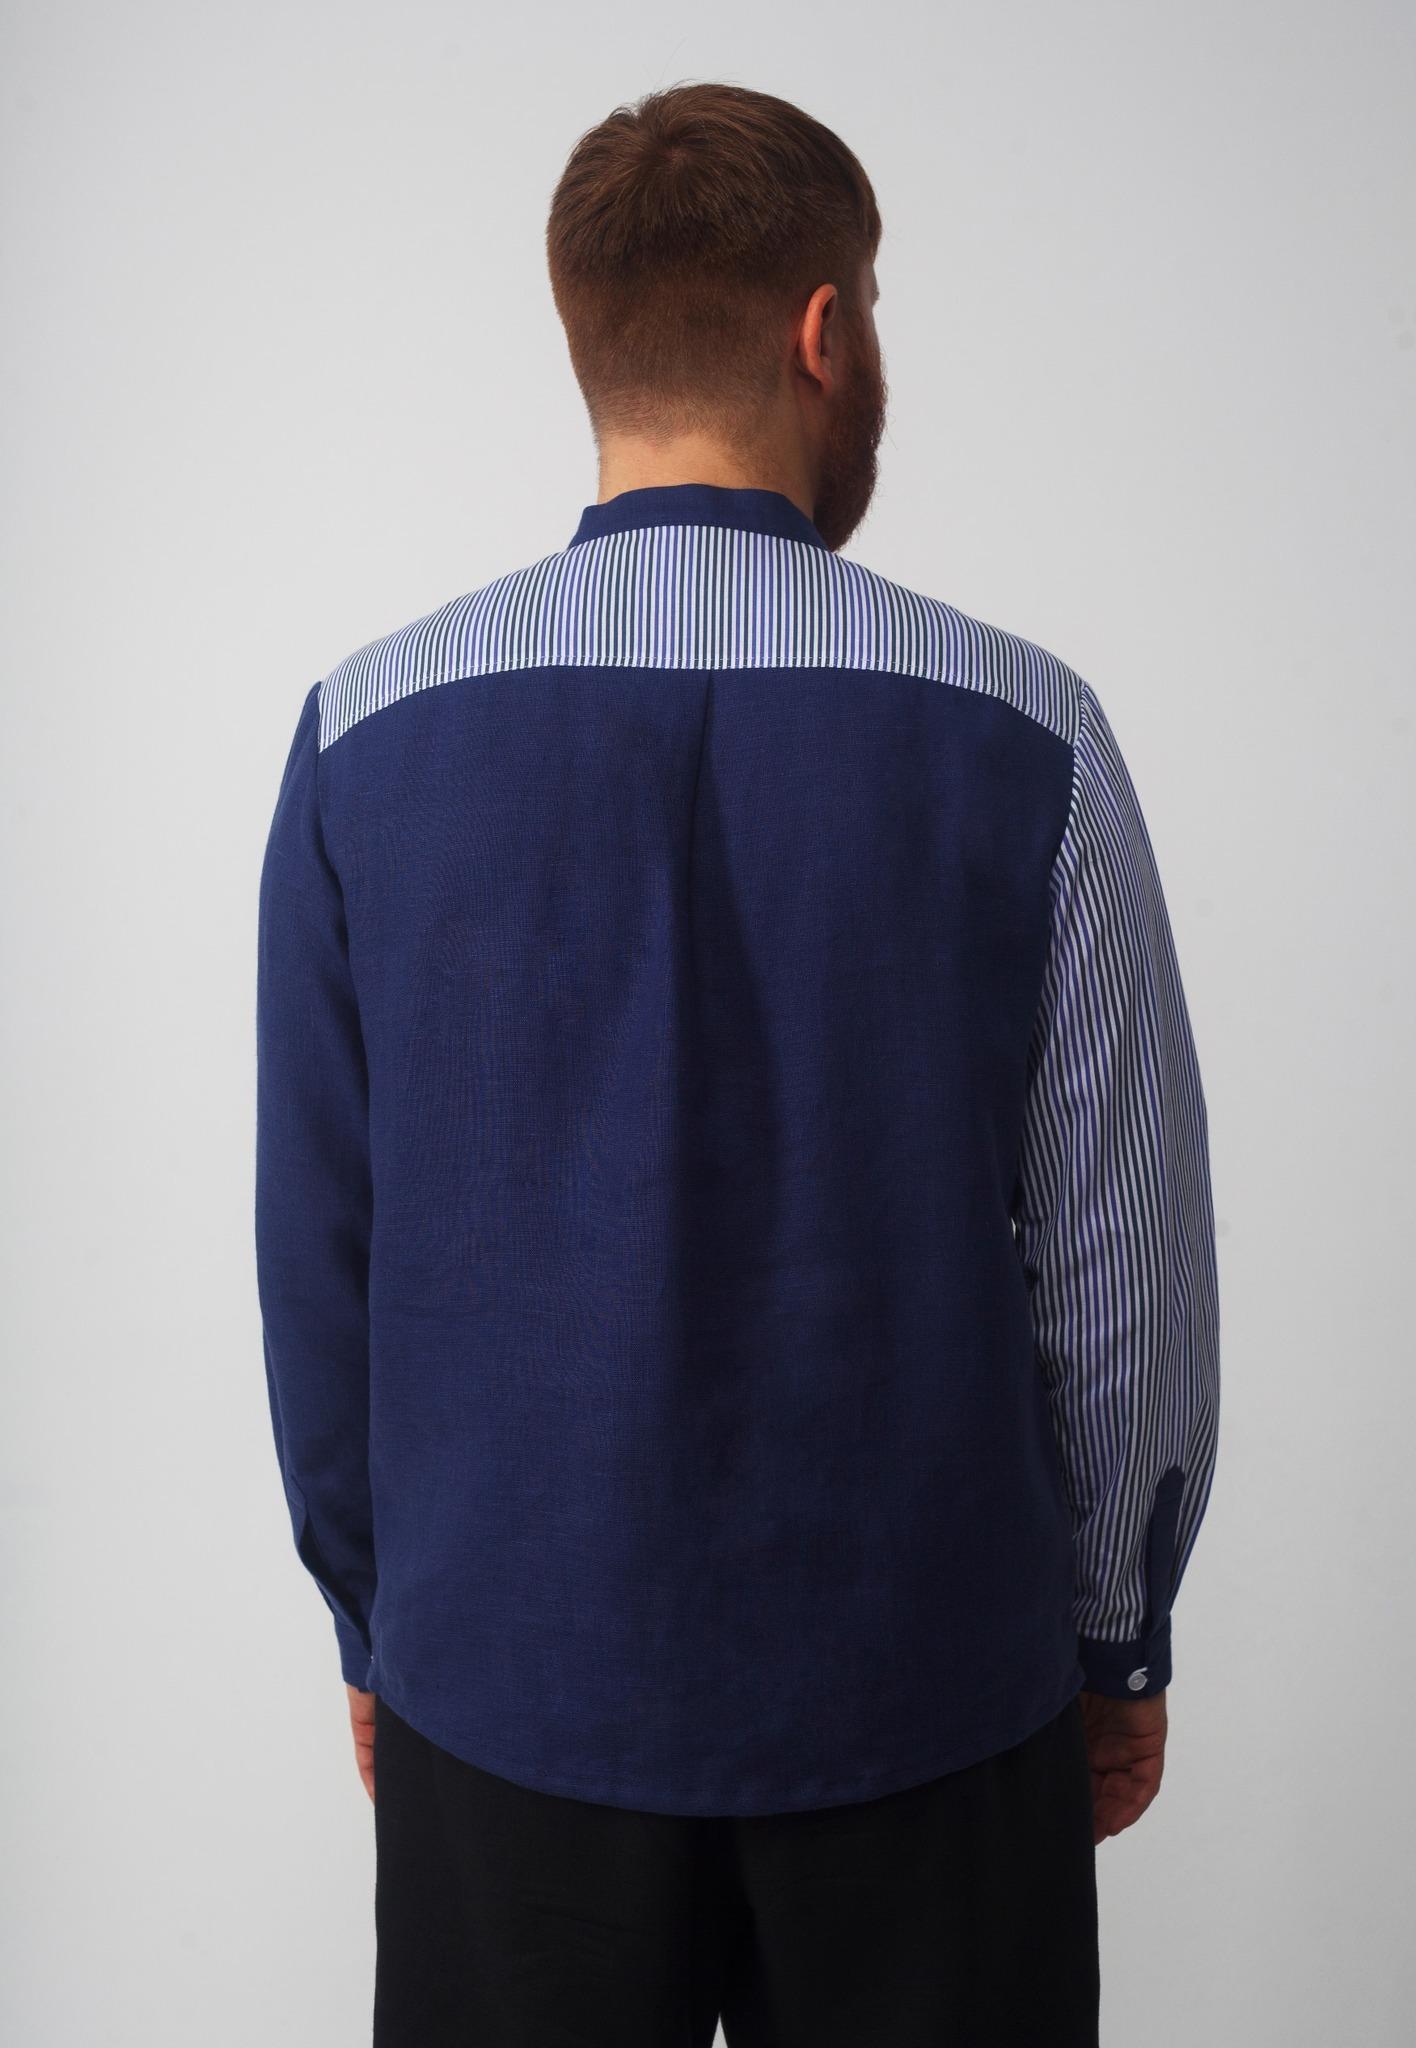 Рубашка мужская Сибирская Вид сзади